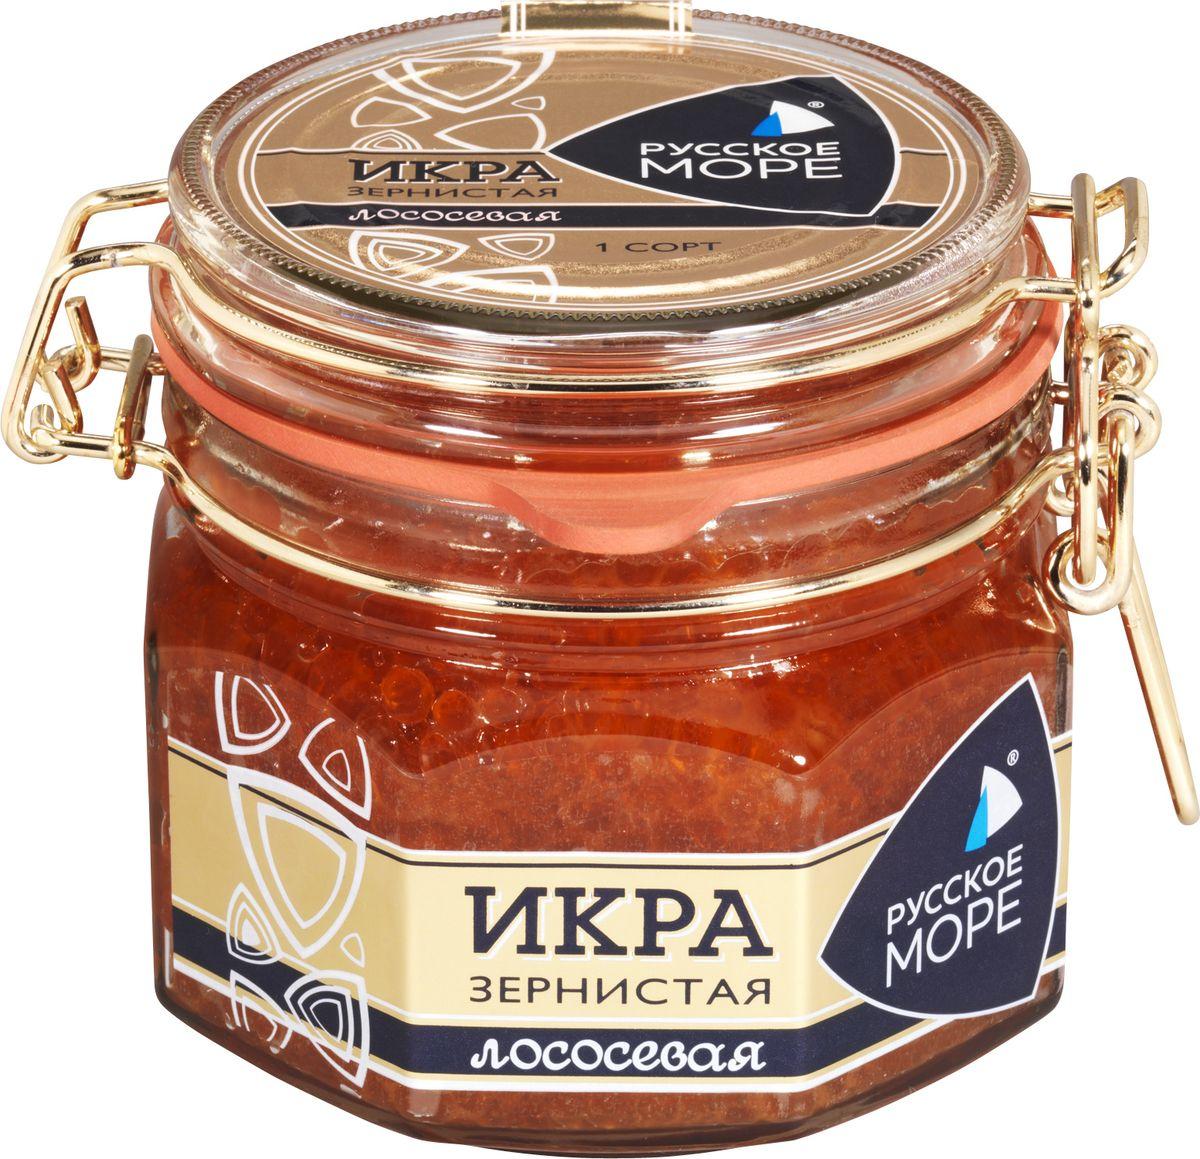 Русское Море Икра зернистая лососевая, 500 г